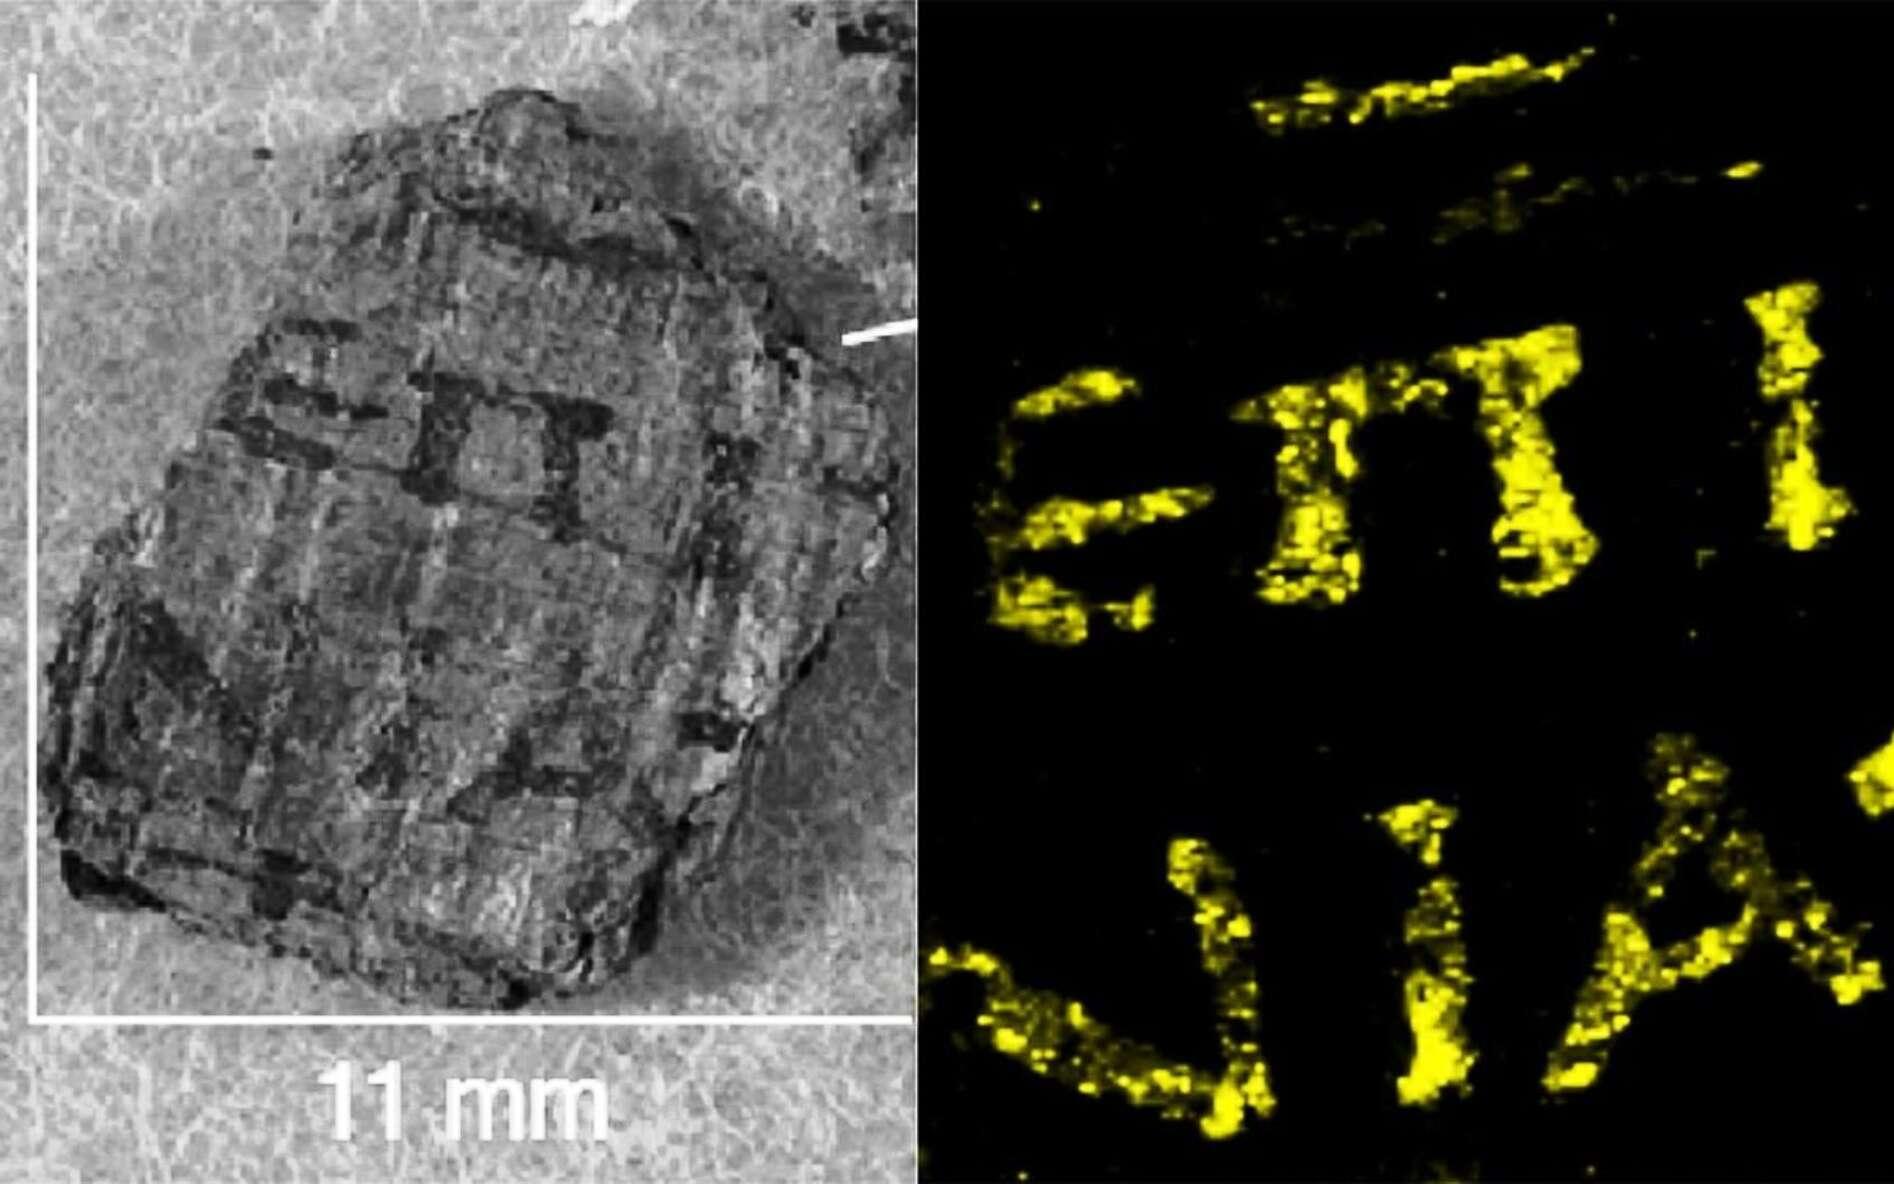 Des lettres grecques apparaissent clairement sur ces papyrus découverts à Herculanum et étudiés avec les méthodes modernes de la physique. © Emmanuel Brun